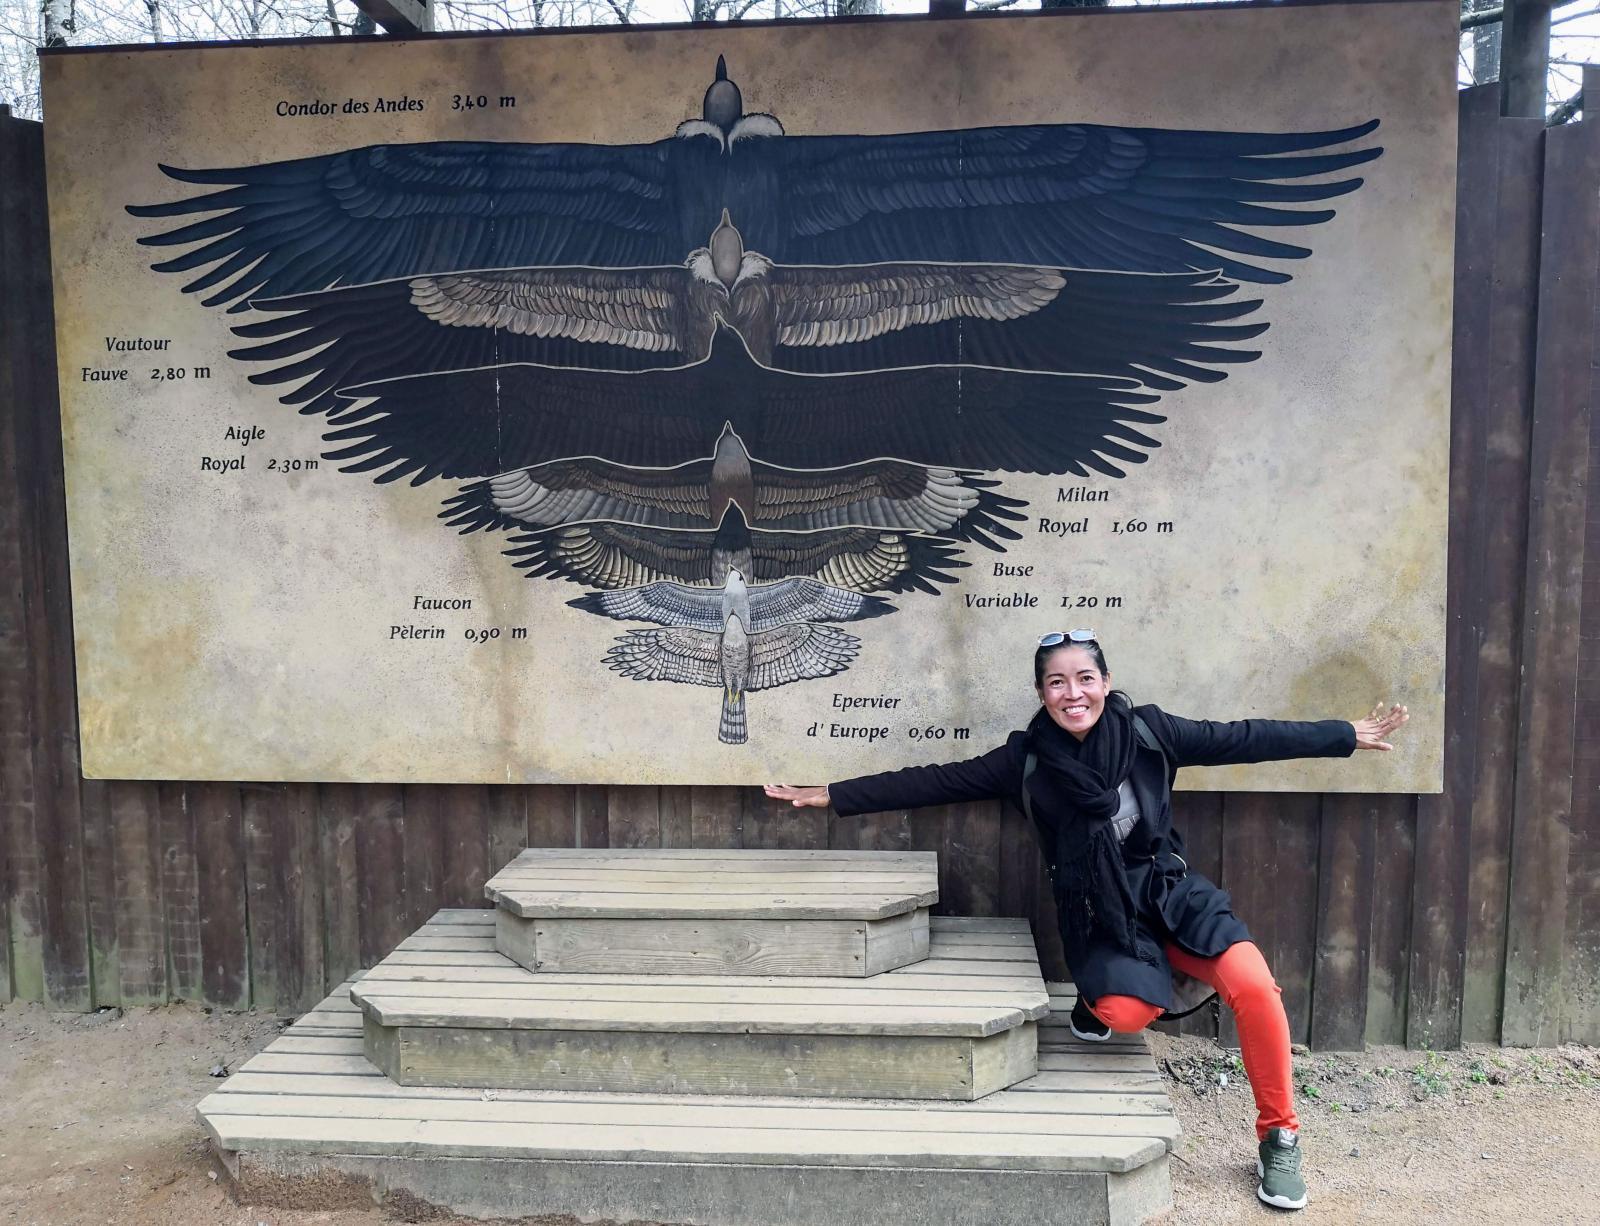 Några av de fåglar som föds upp hos Puy du Fou har rejält vingspann.